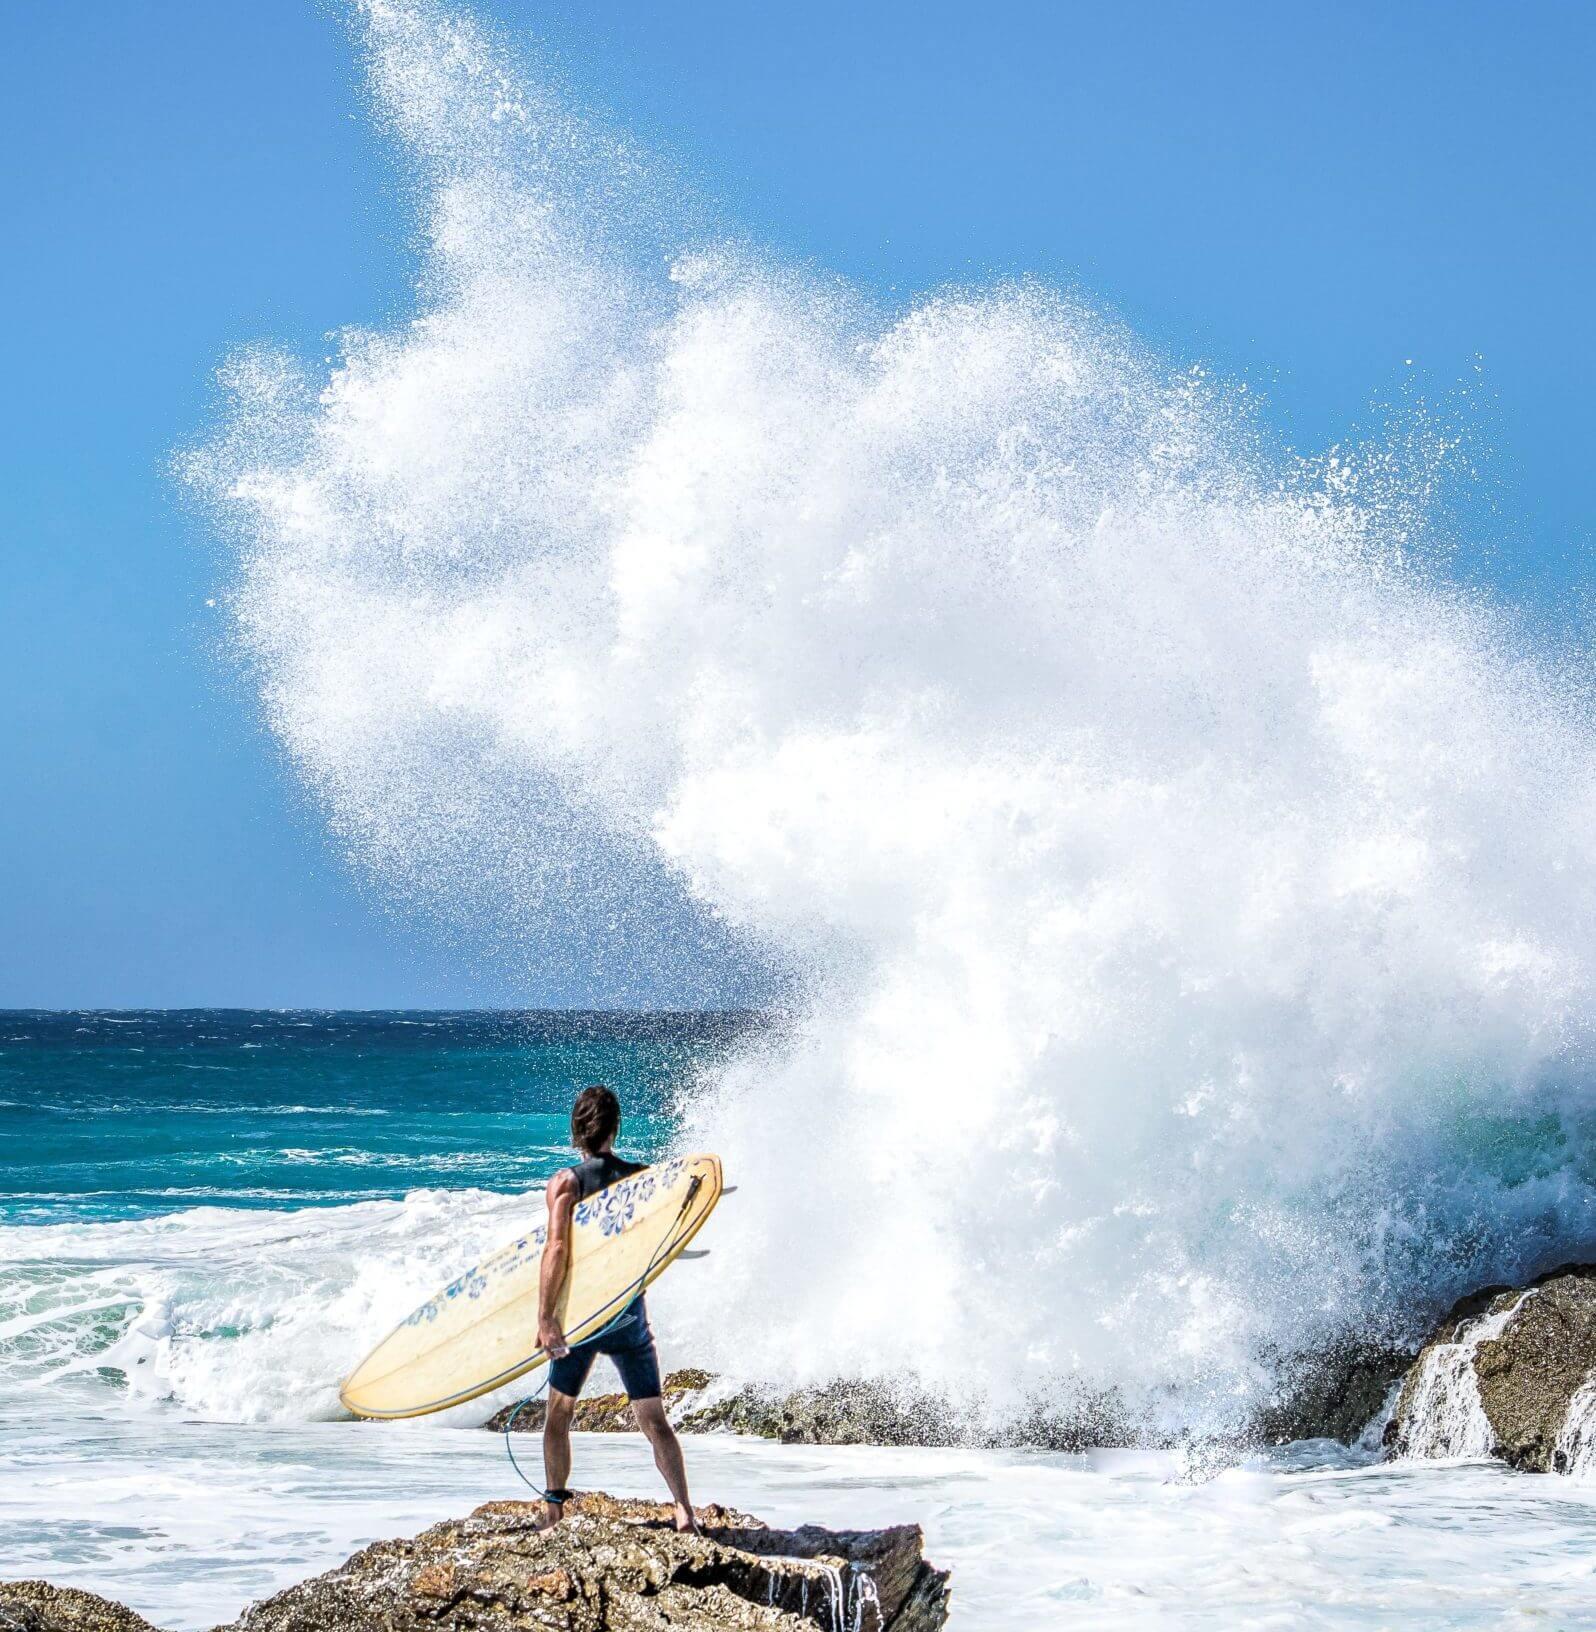 beach-leisure-man